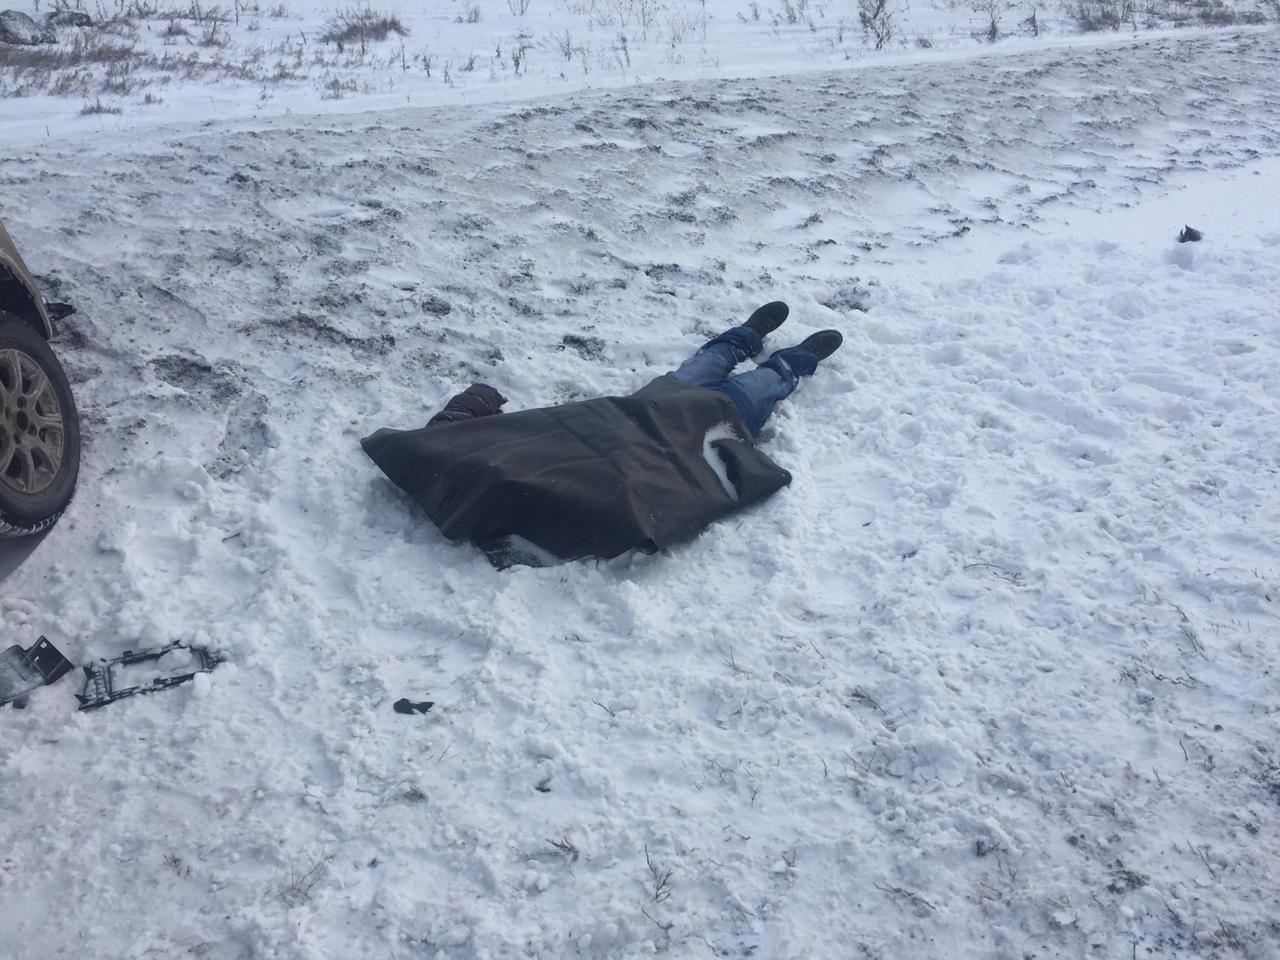 Фото Вырвало двигатель, бампер и стёкла: стали известны подробности смертельной автокатастрофы под Новосибирском 4